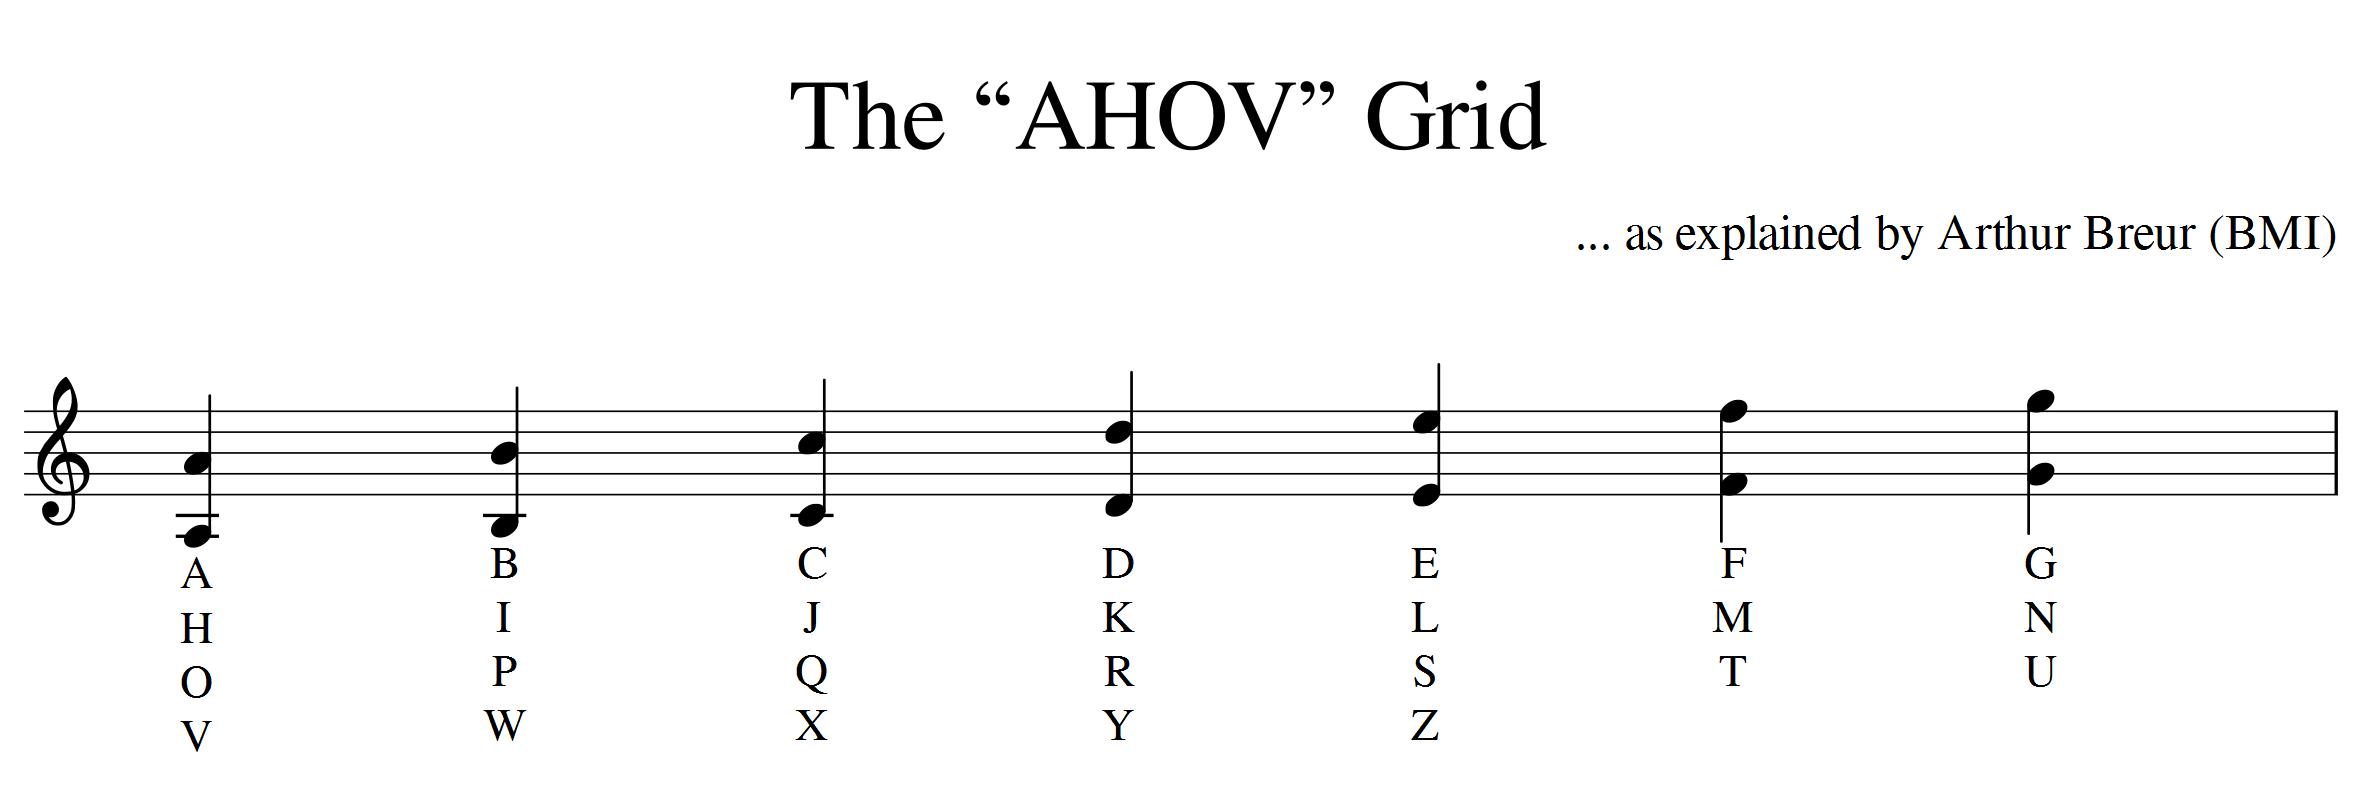 The AHOV Grid